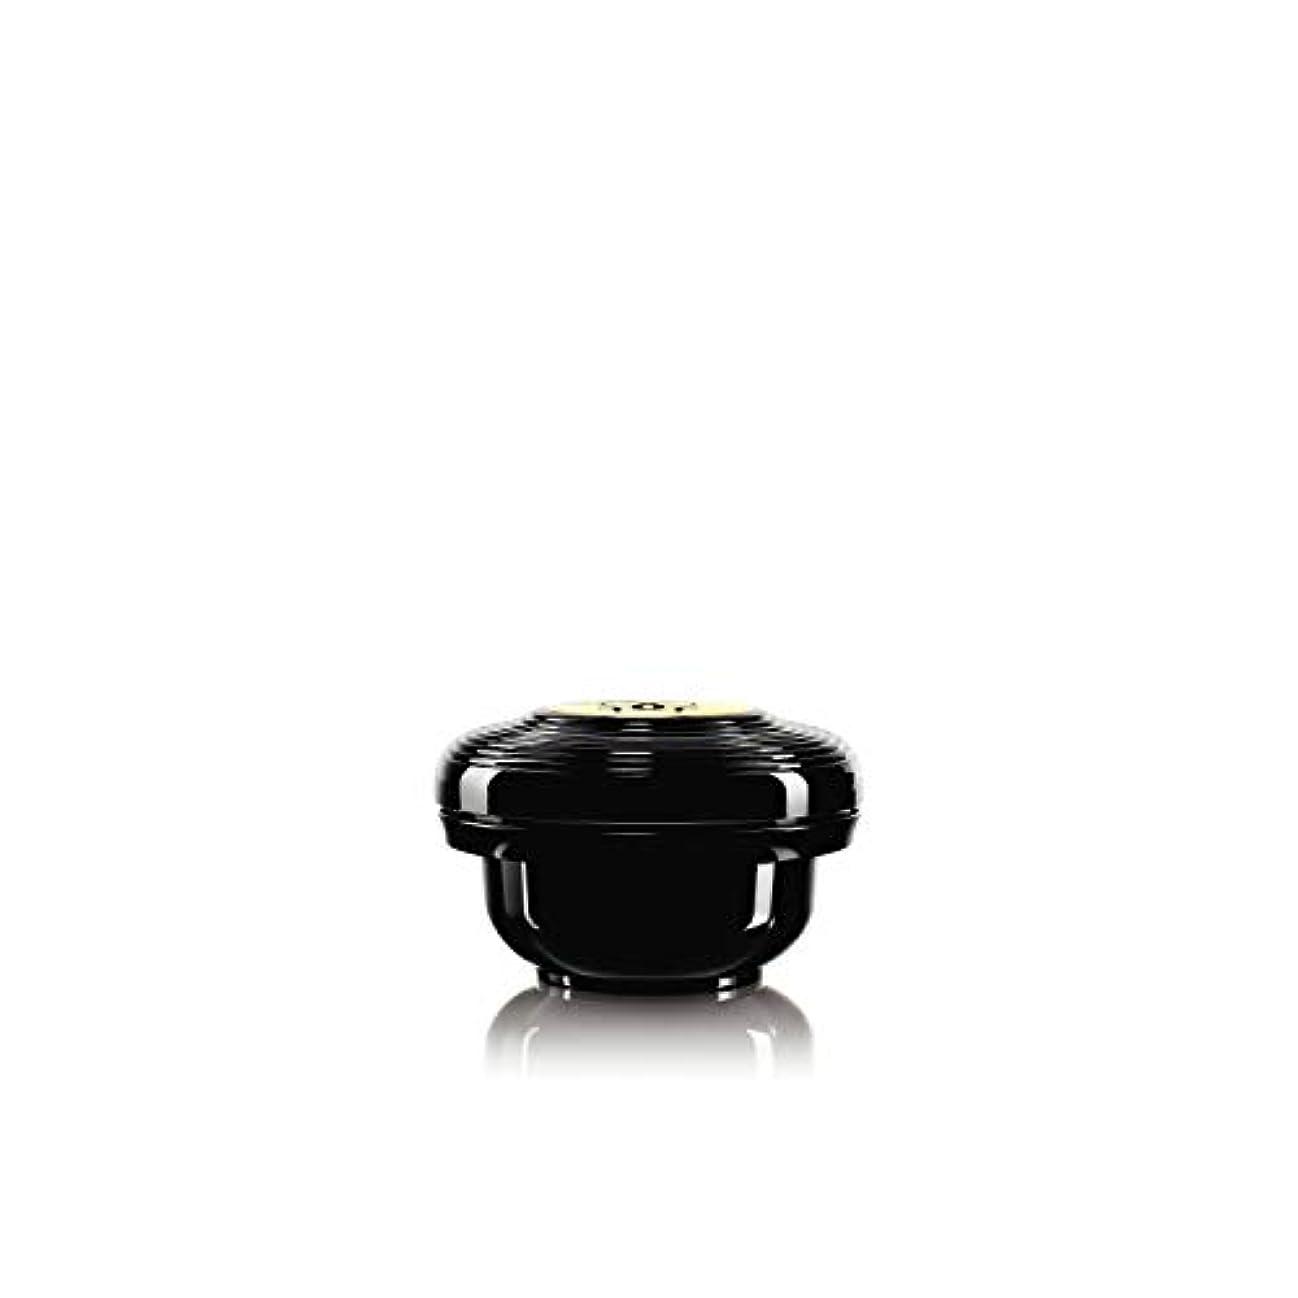 ハム芝生私たち【GUERLAIN(ゲラン)】オーキデ アンペリアル ブラック クリーム ベルナルド(リフィル)50mL/クリーム